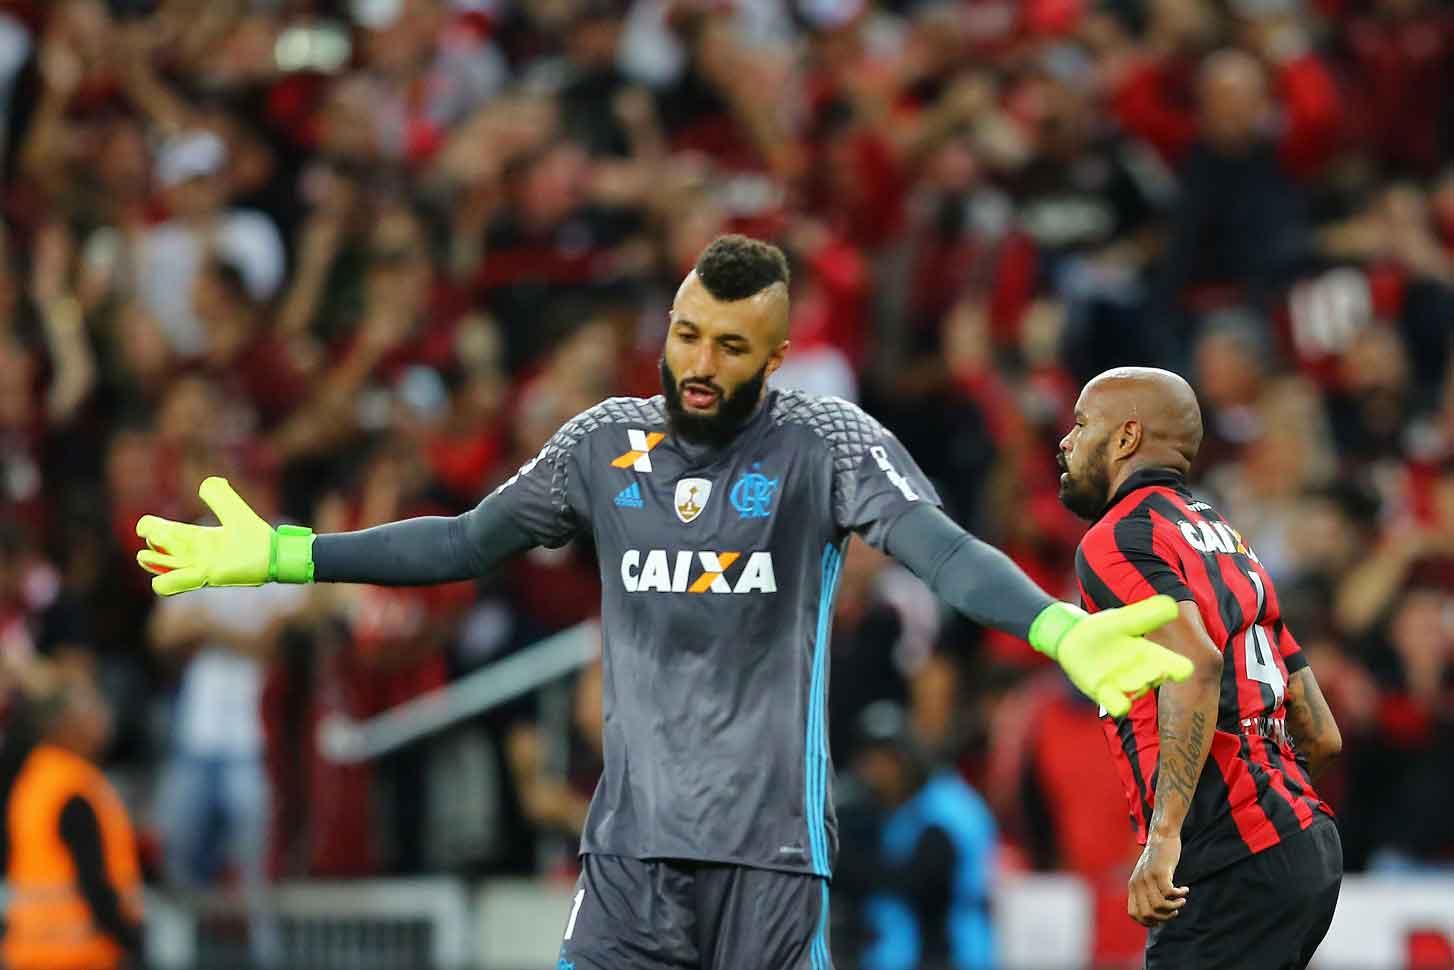 O goleiro Alex Muralha, do Flamengo, se desculpa por um dos muitos gols que tem levado ultimamente. Foto Heuler Andrey/AFP